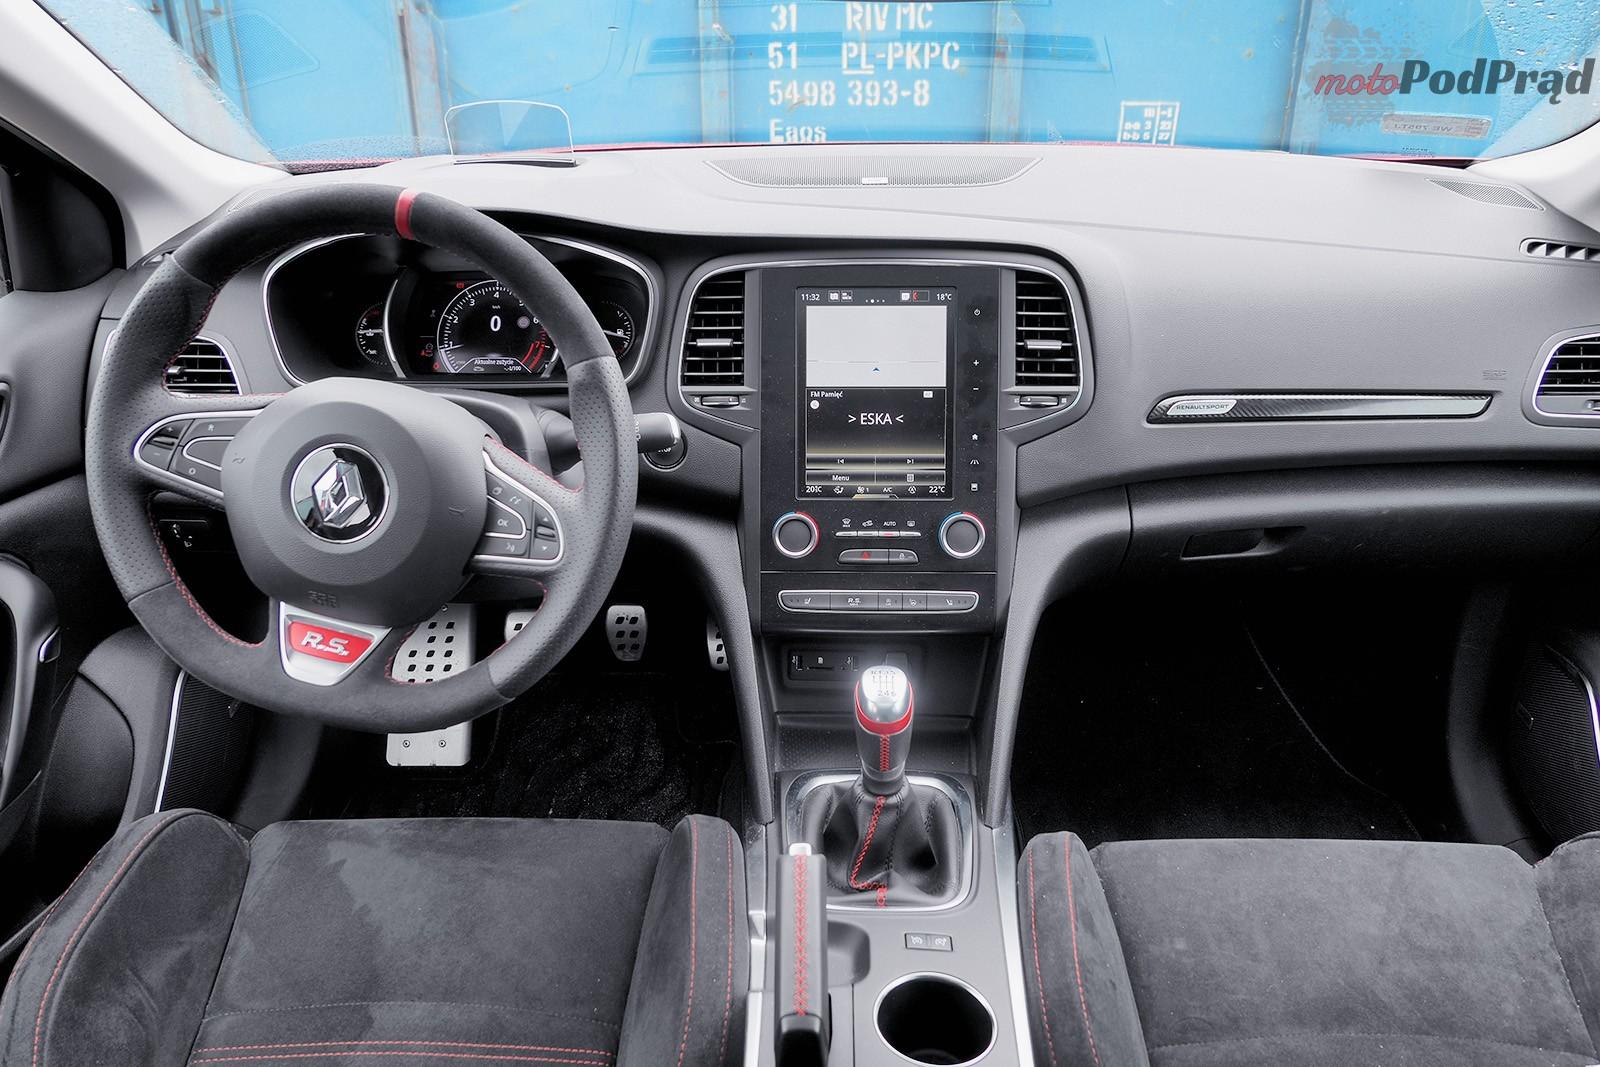 Renault Megane RS 34 Test: Renault Megane RS 280 KM   pozostał lekki niedosyt